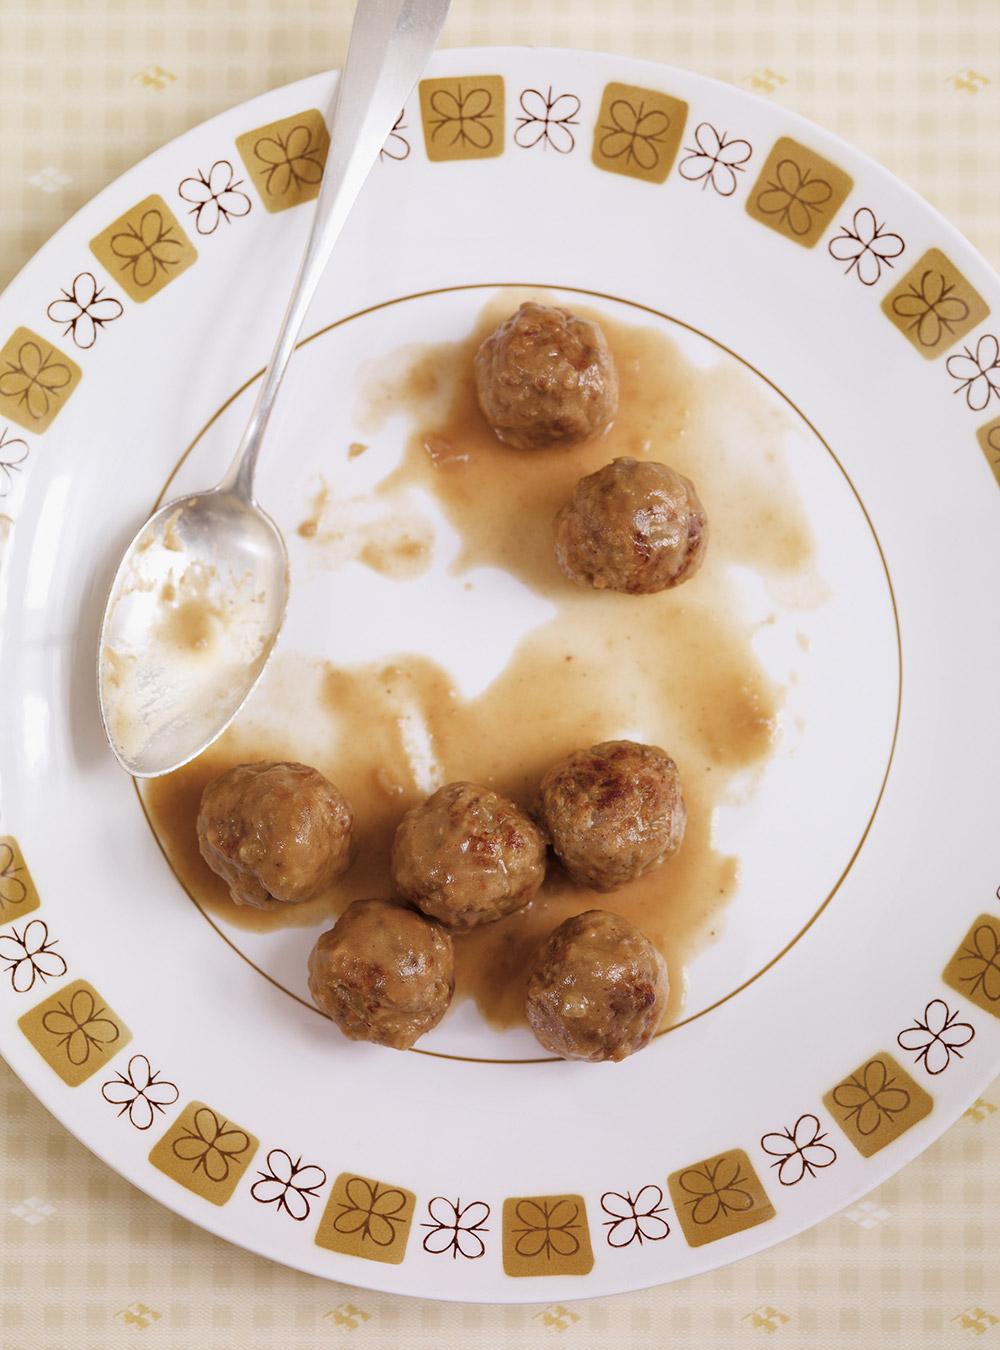 Boulettes su doises ricardo for Cuisine ricardo